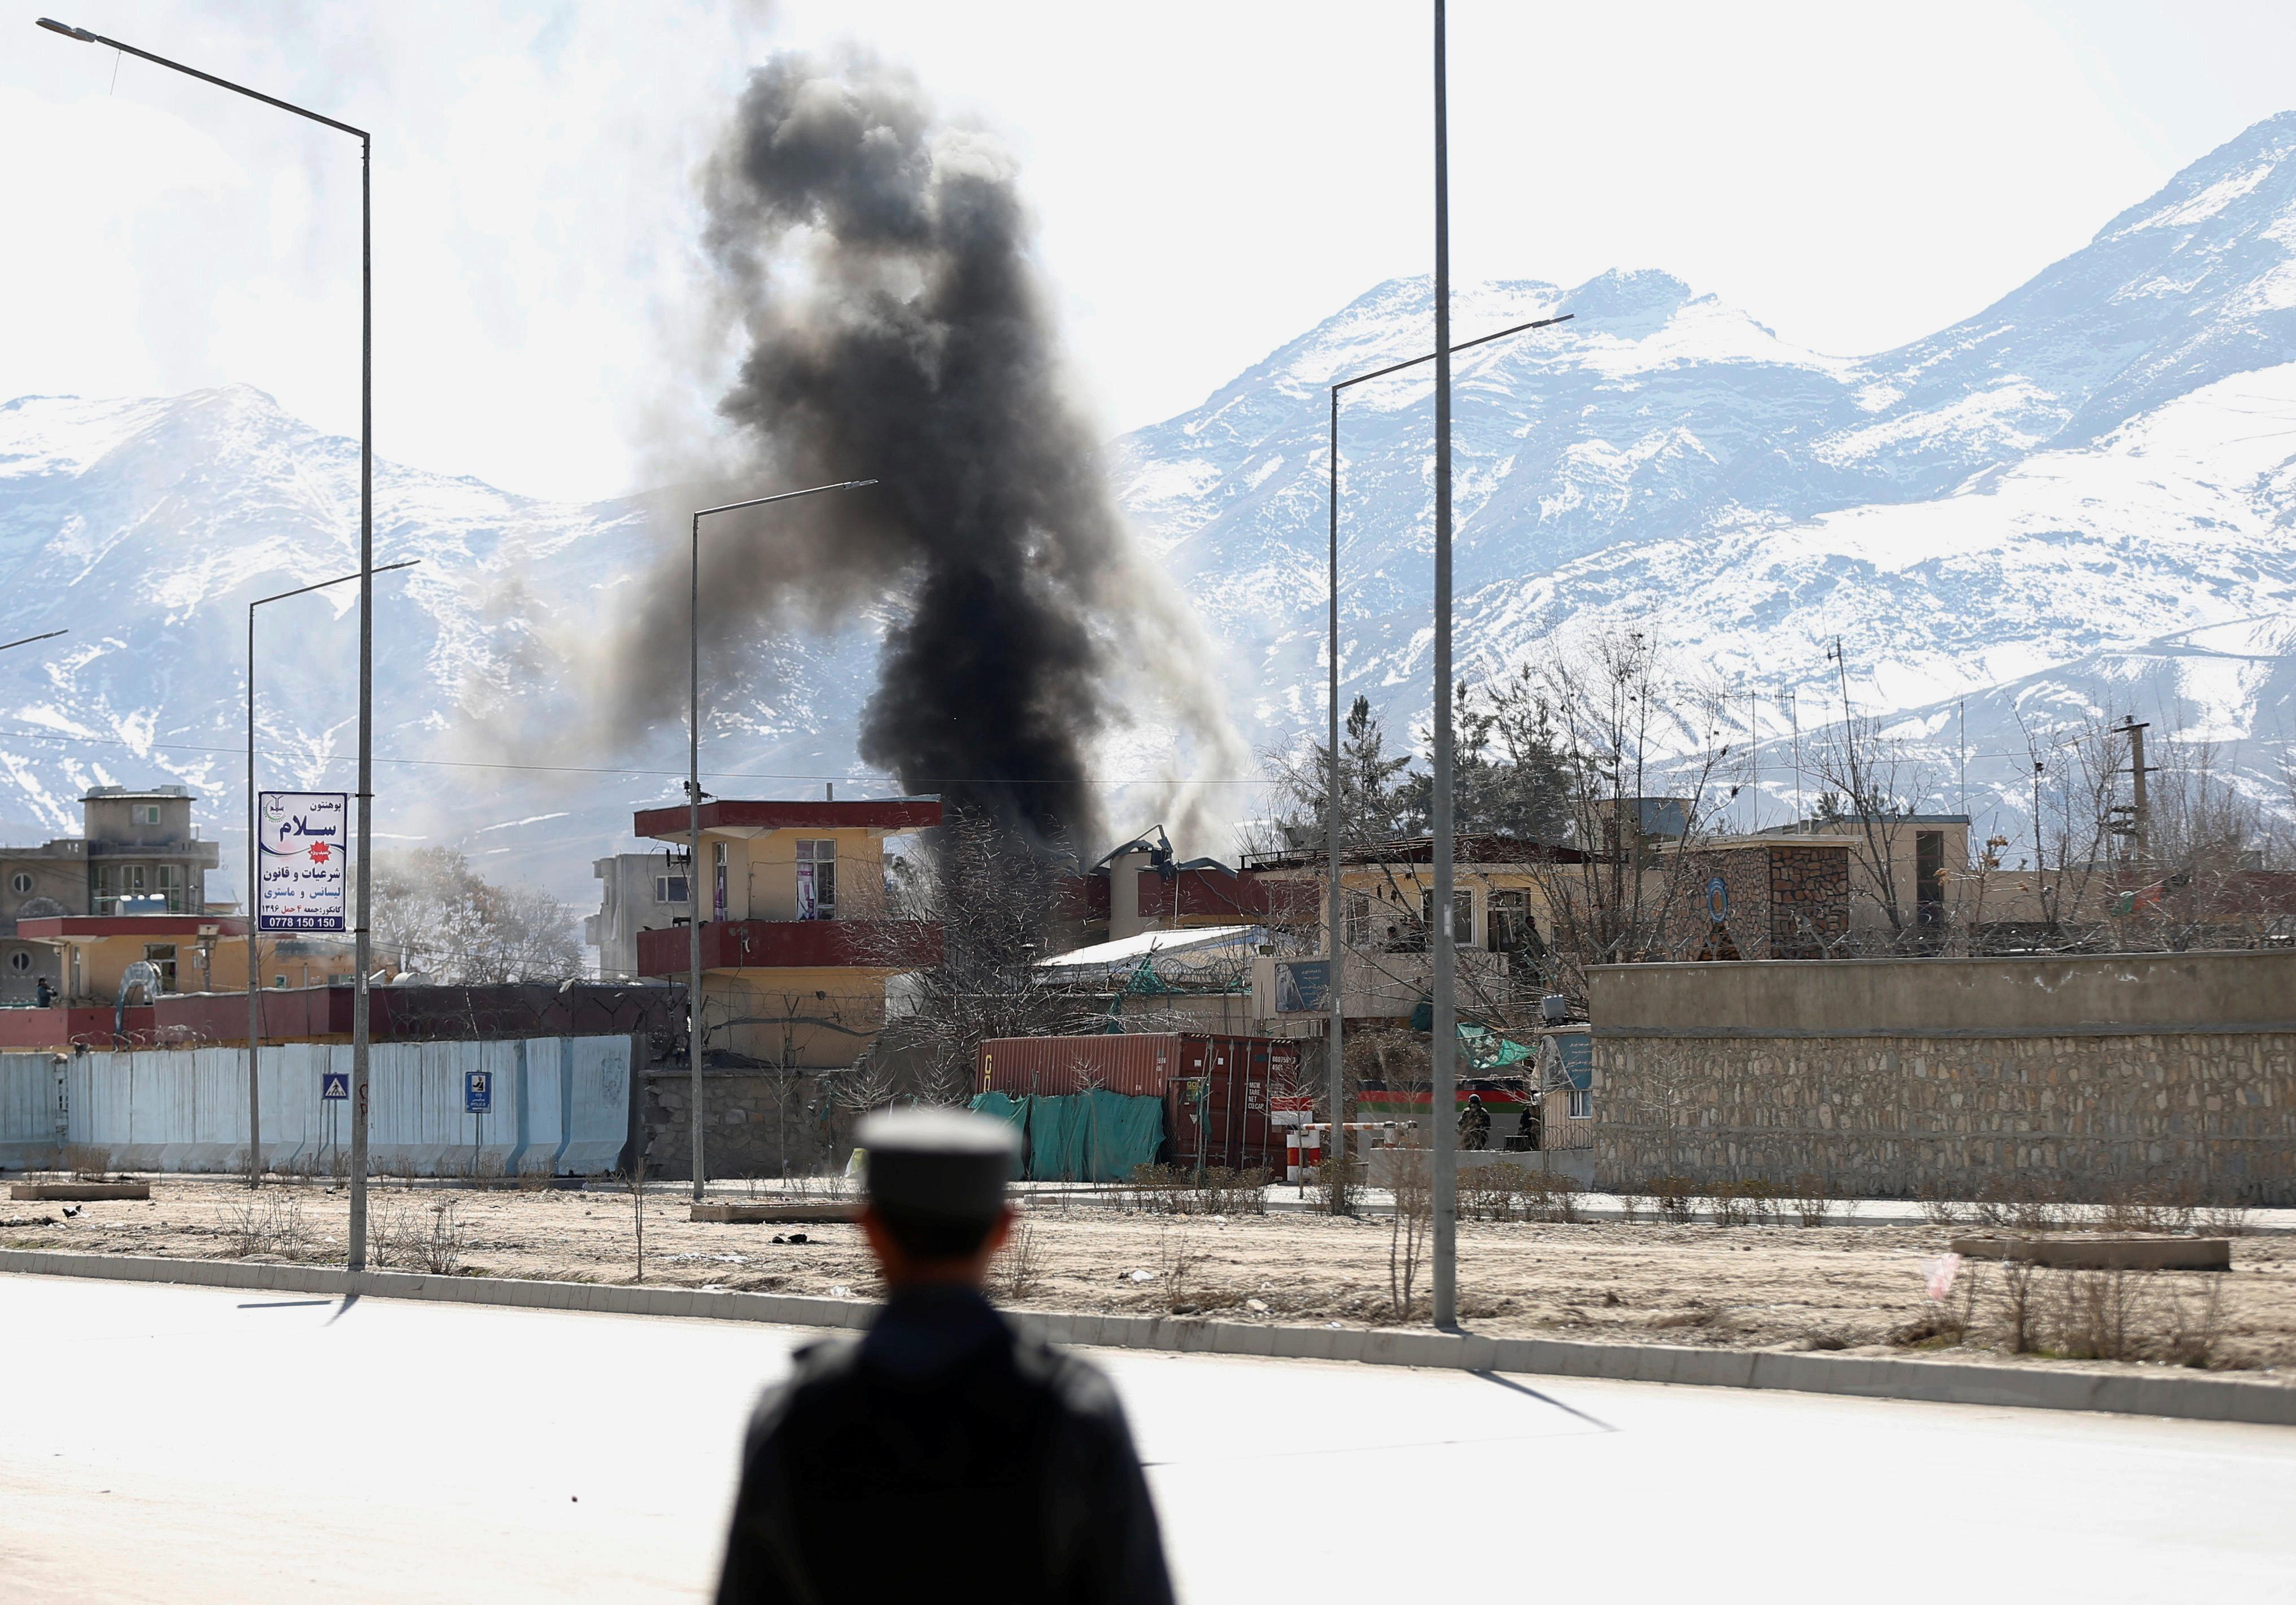 Επίθεση Ταλιμπάν σε στρατιωτική βάση στο Αφγανιστάν. Δεκάδες